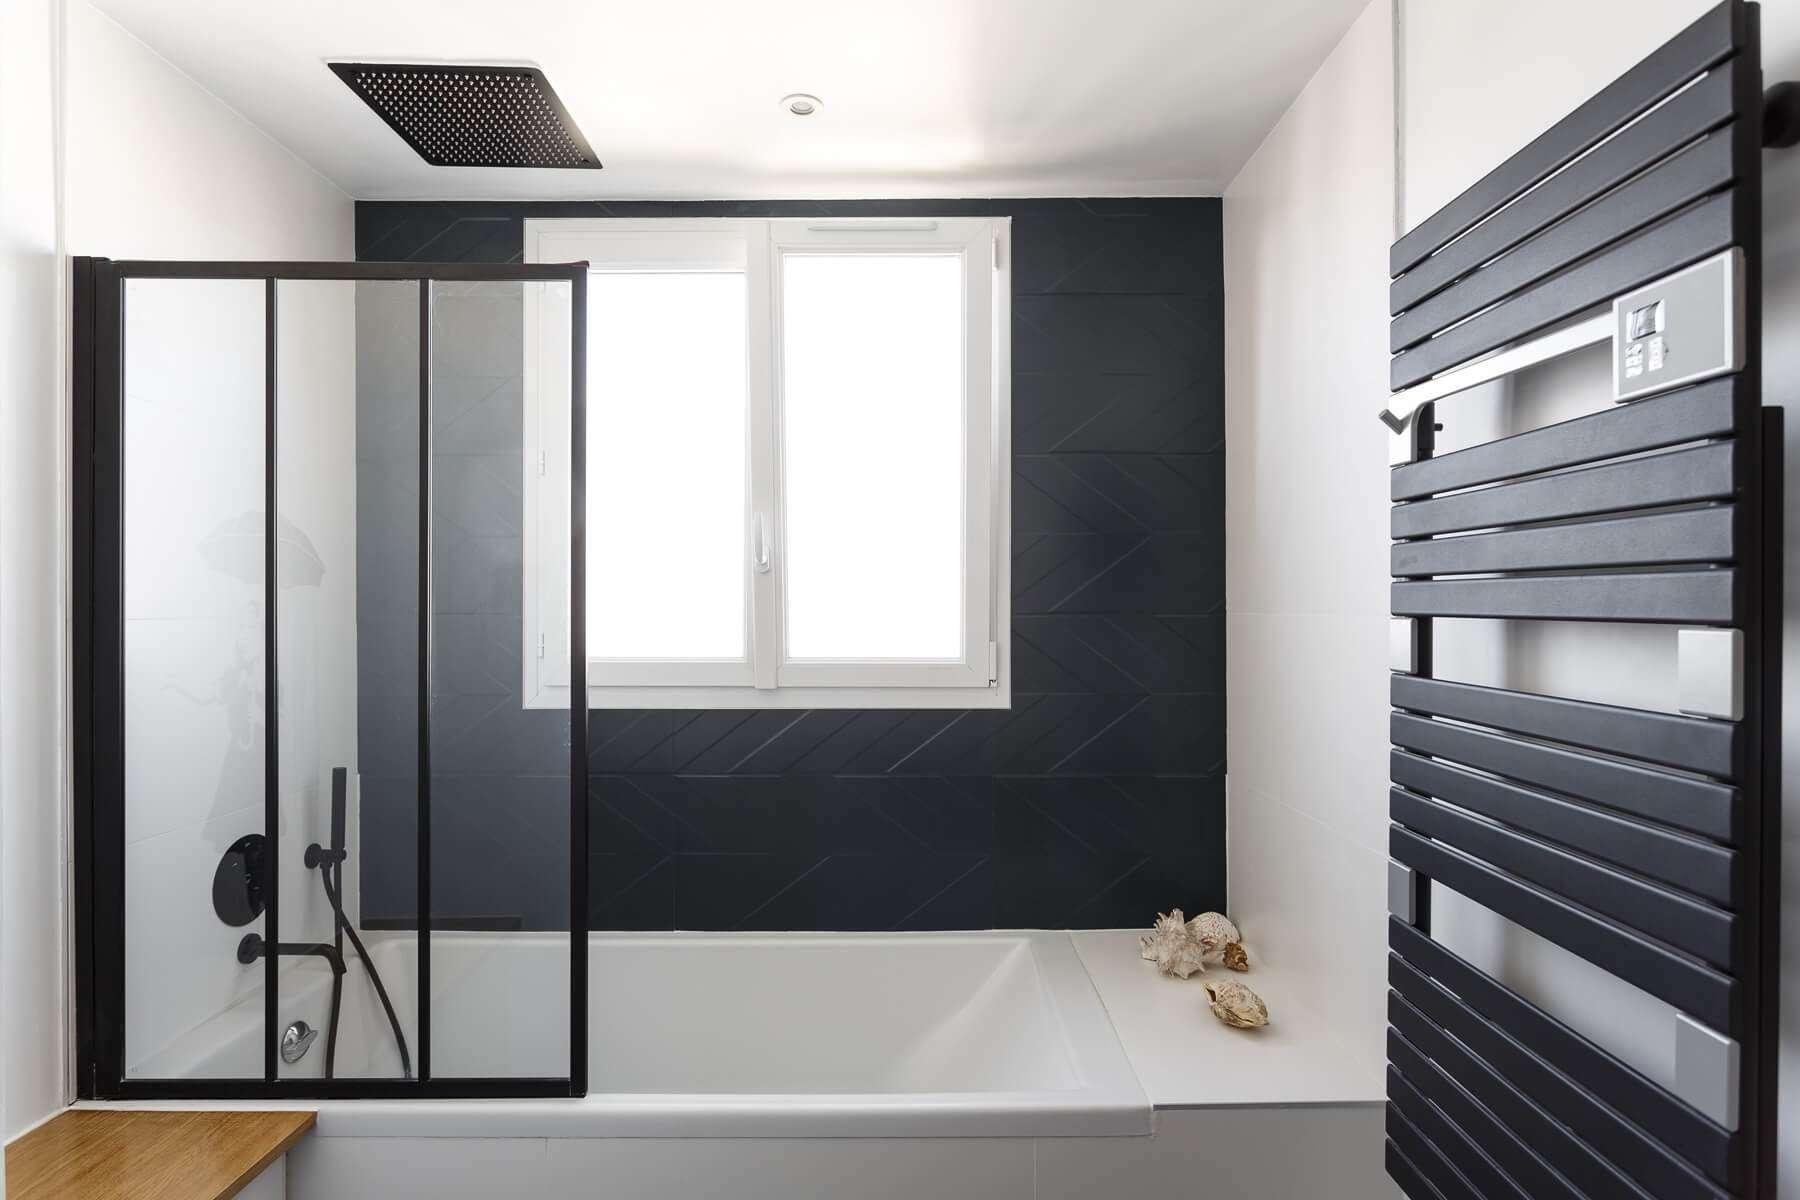 Salle de bain contemporaine noire et blanche